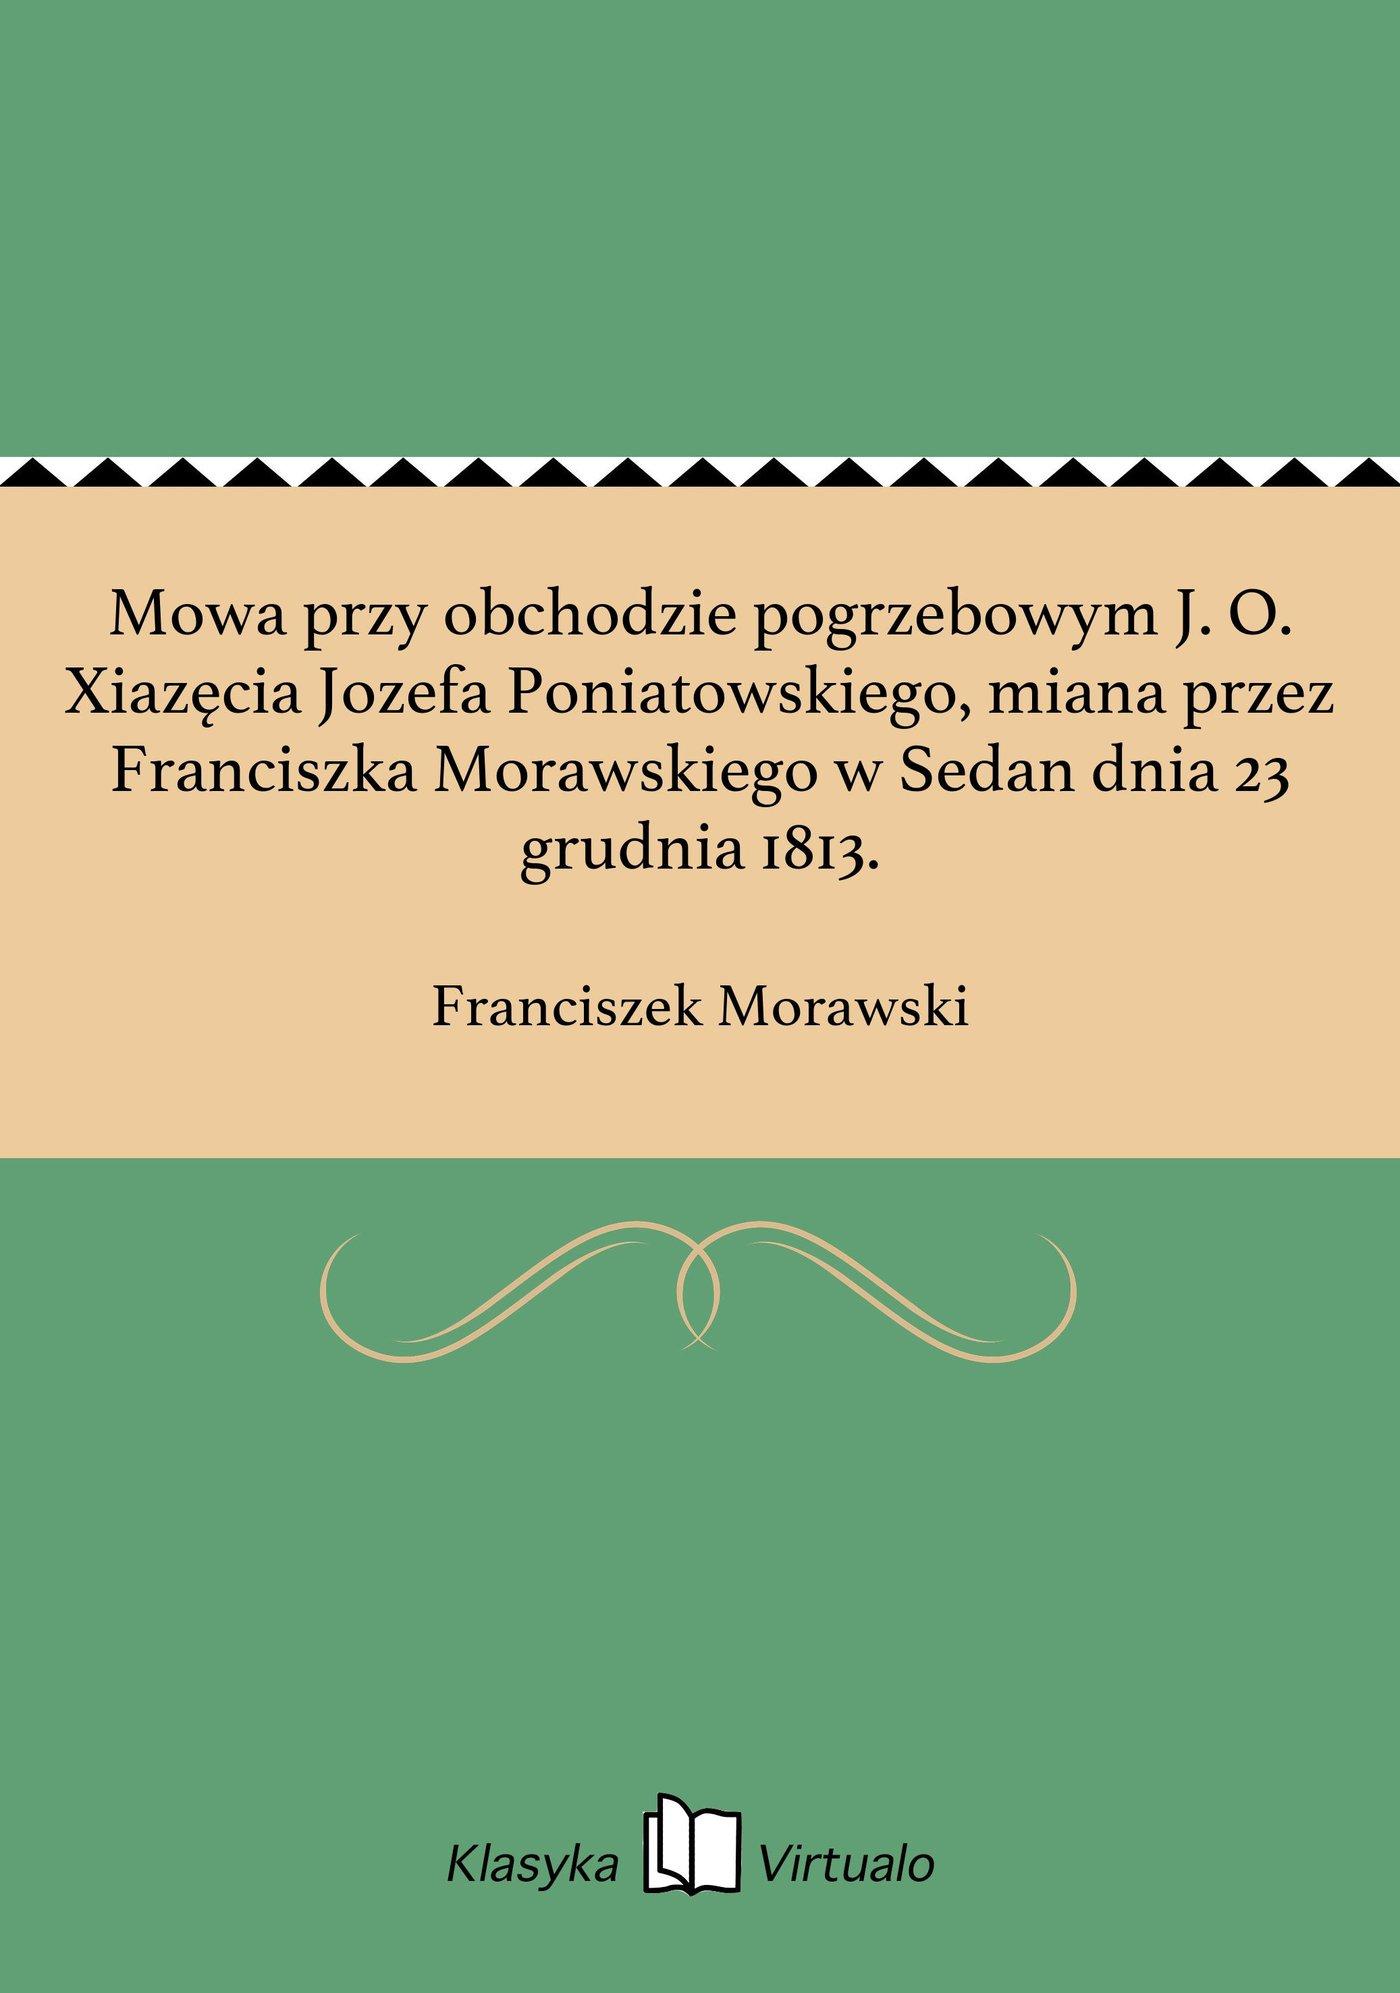 Mowa przy obchodzie pogrzebowym J. O. Xiazęcia Jozefa Poniatowskiego, miana przez Franciszka Morawskiego w Sedan dnia 23 grudnia 1813. - Ebook (Książka EPUB) do pobrania w formacie EPUB